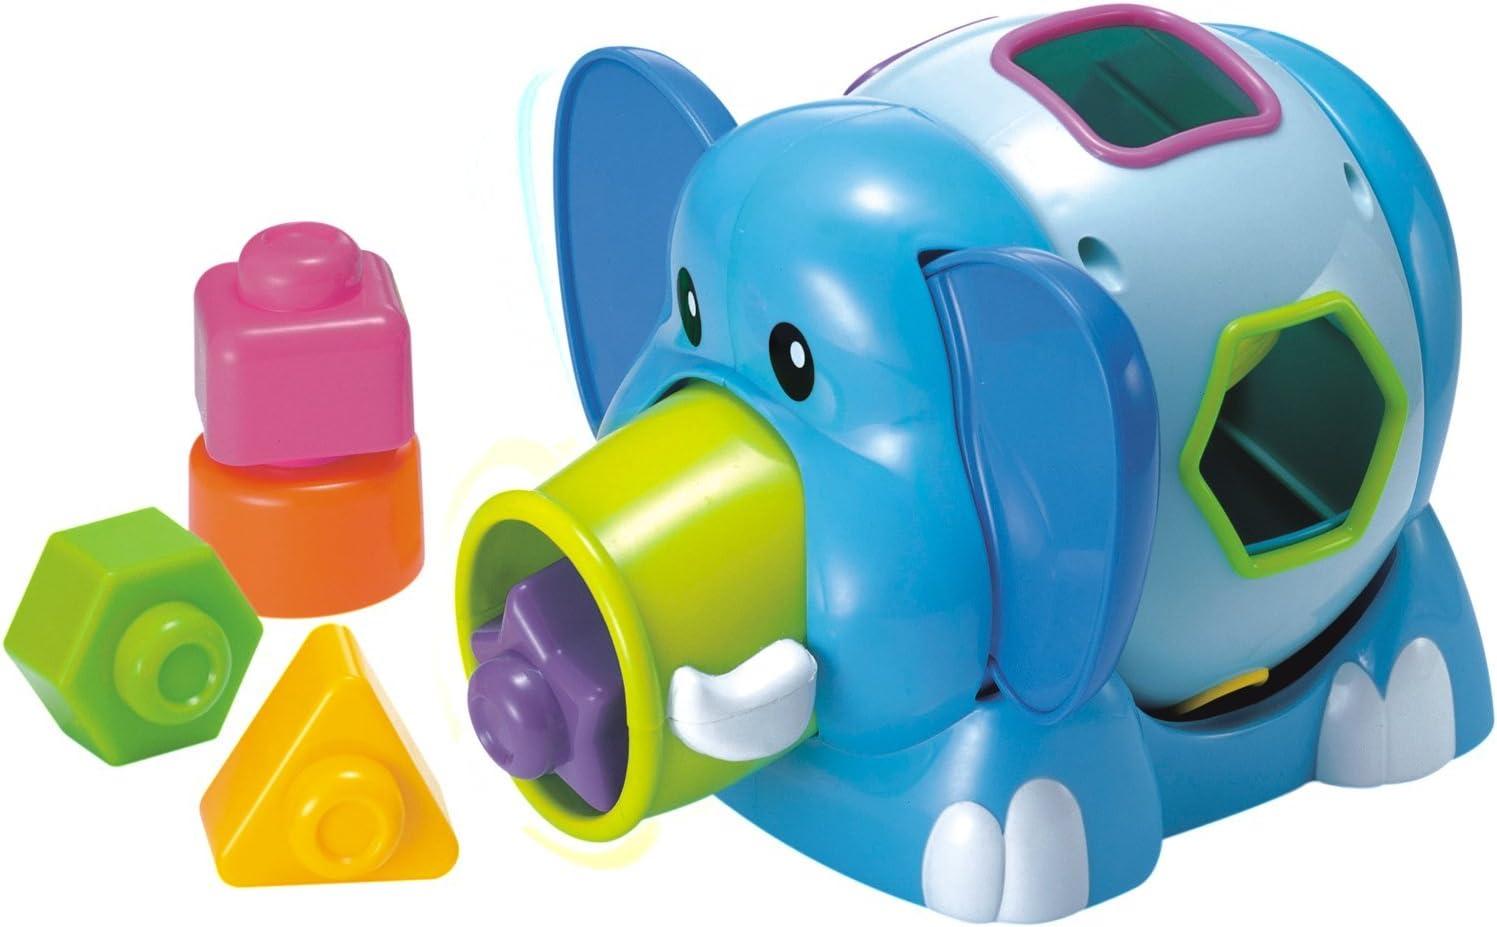 Miniland - Elefantino en Estuche Abierto (97205): Amazon.es: Juguetes y juegos